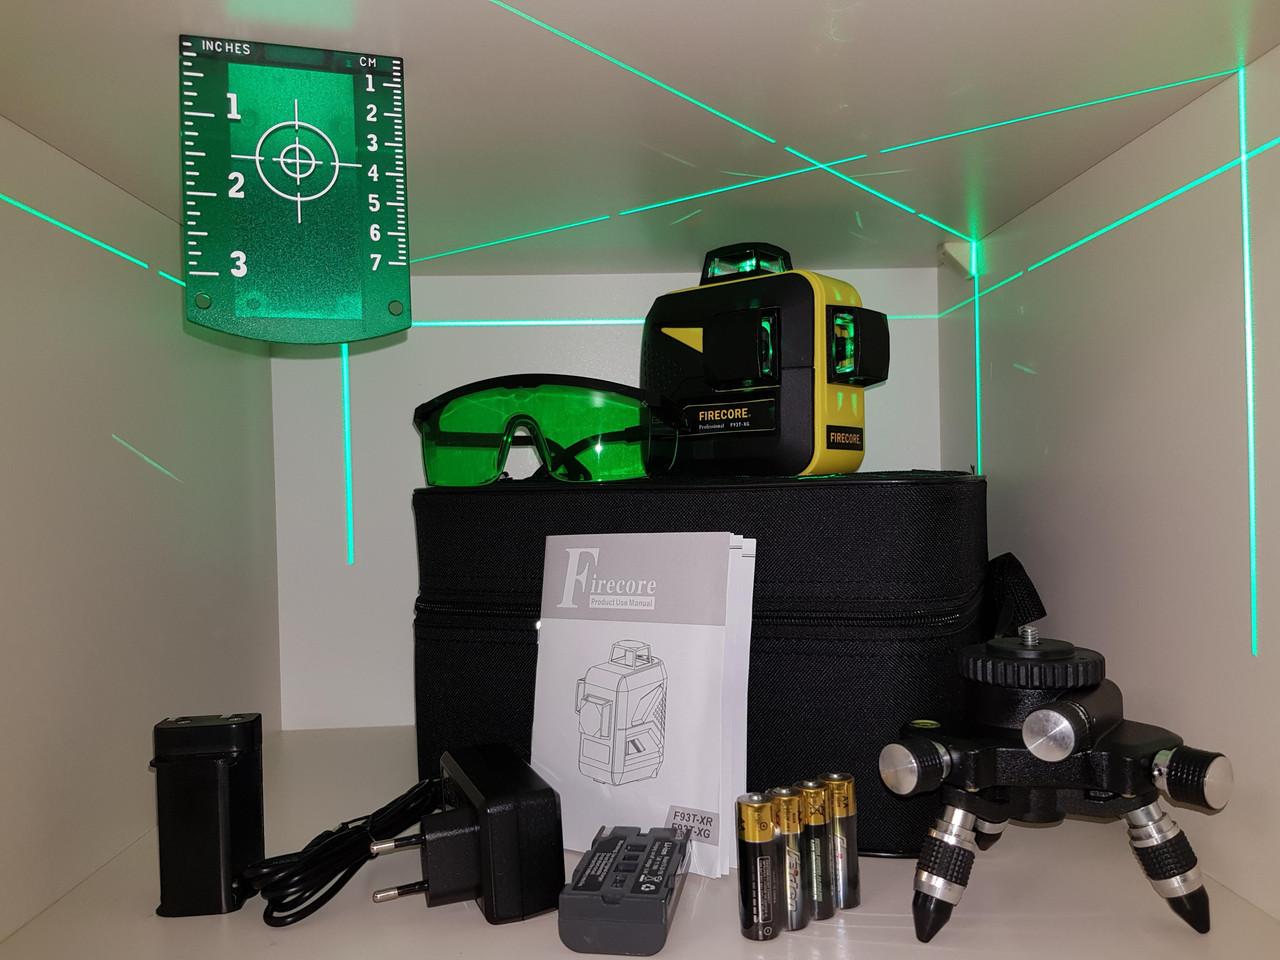 ☀БІРЮЗОВИЙ ПРОМІНЬ⇒50м☀⏏ПРИЙМАЧ☀ Лазерний рівень Firecore F93T XG ➤⏏максимальна комплектація